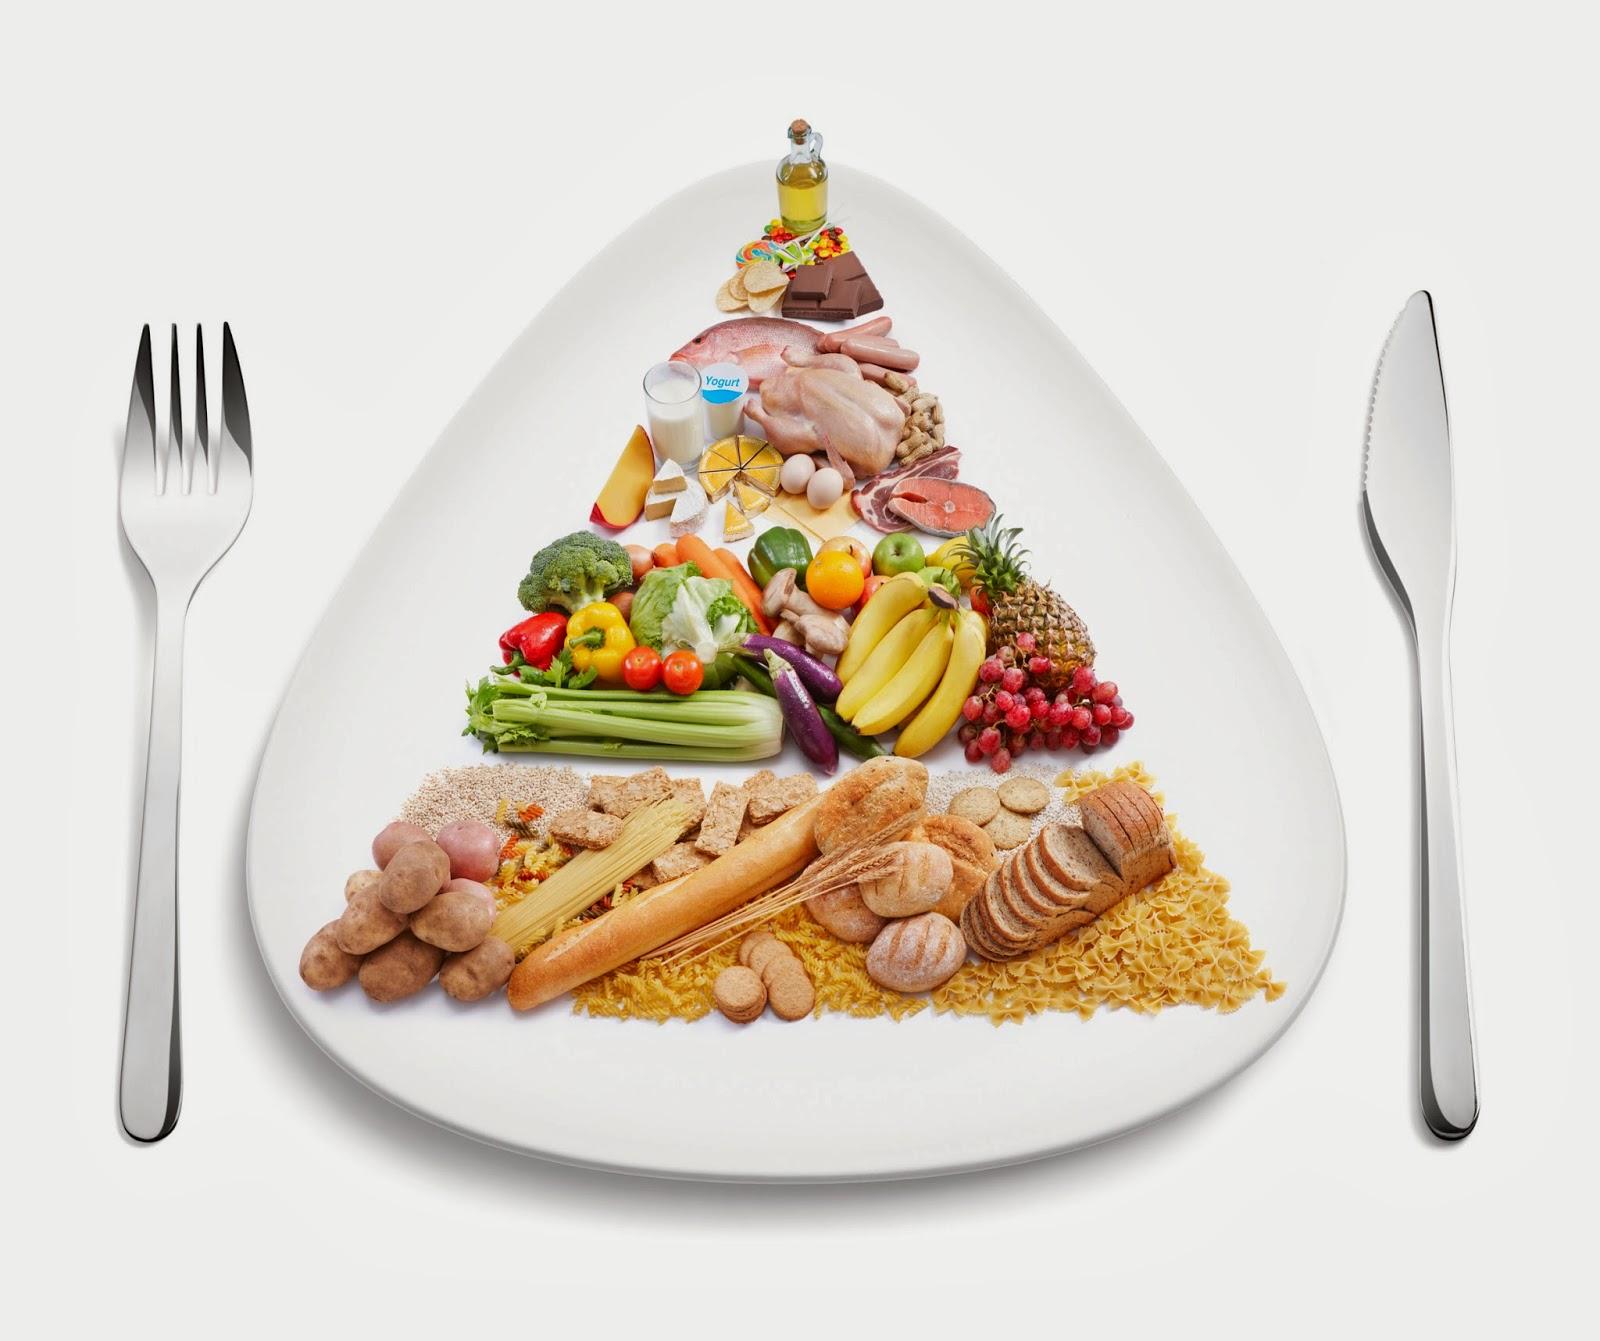 Chế độ ăn uống hợp lý để tăng cân nhanh chóng